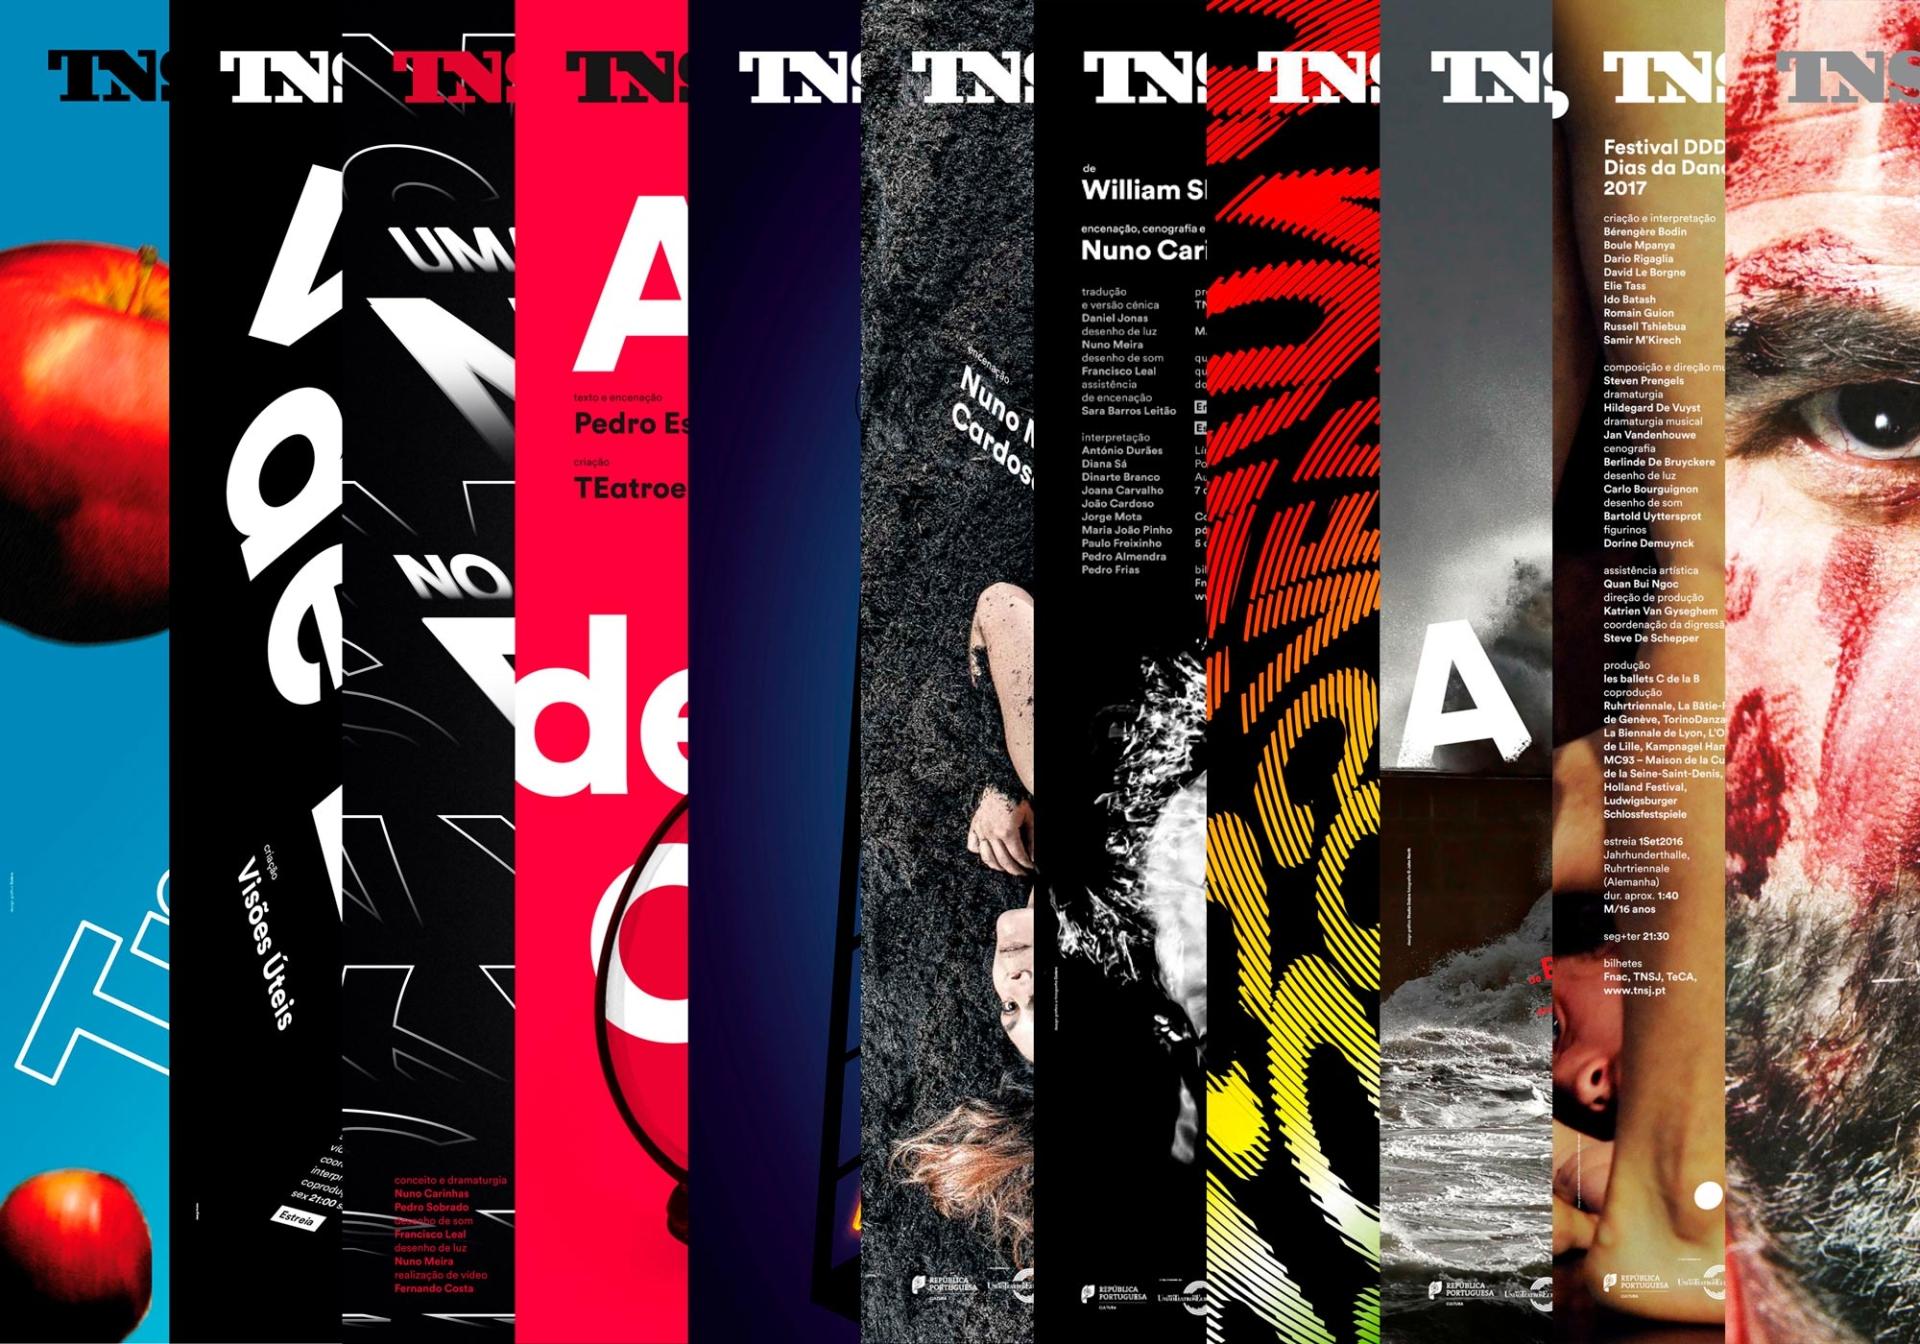 São João National Theatre Posters 2017-2018